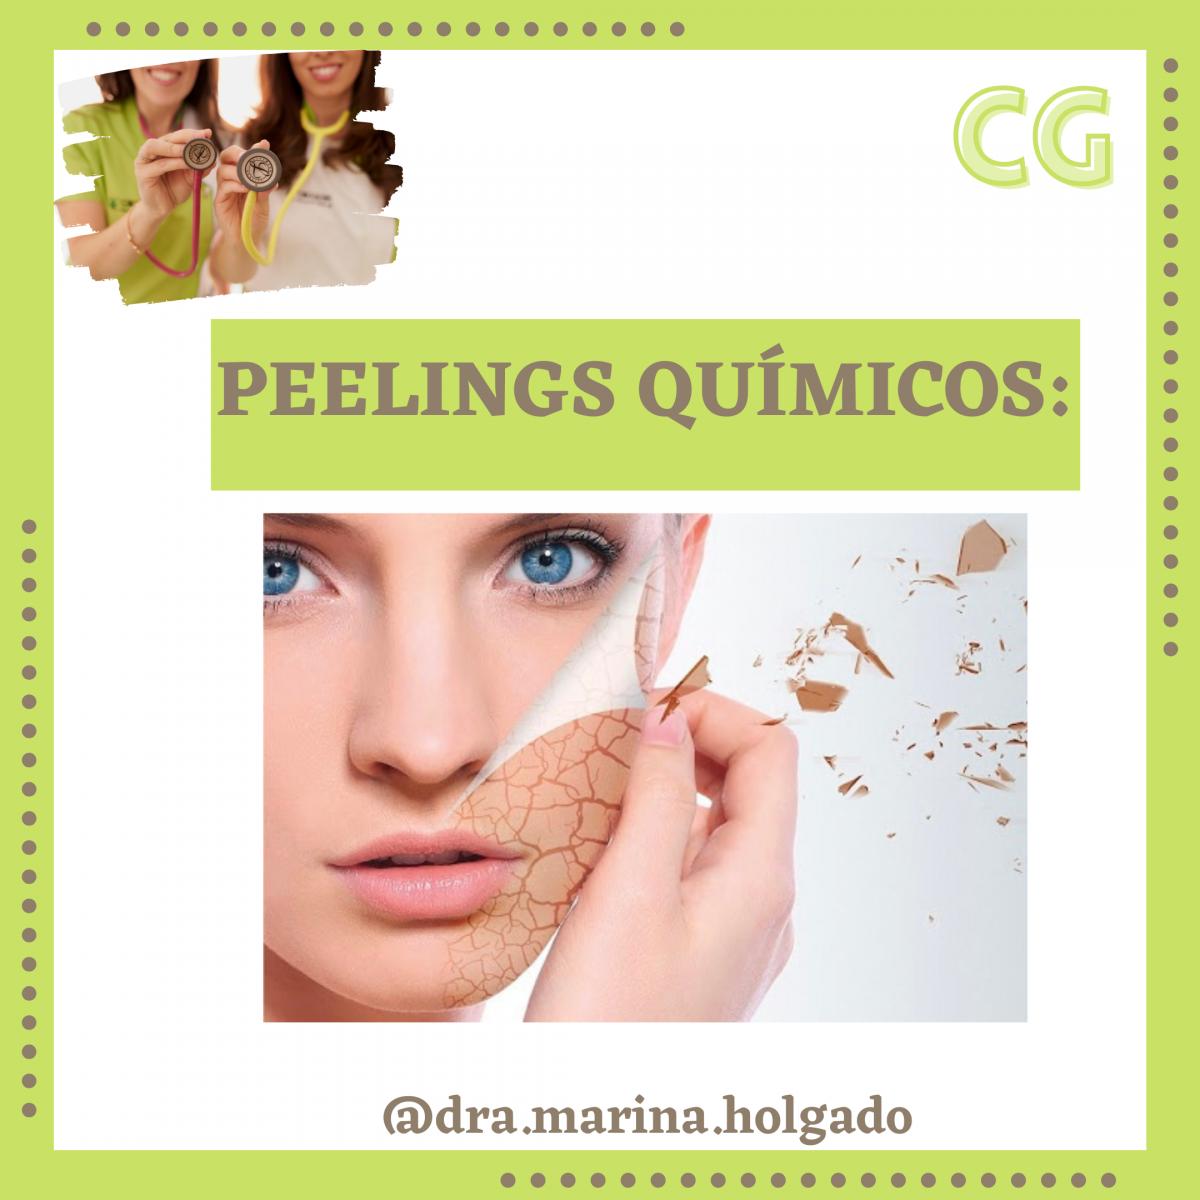 02 PEELING QUIMICOS 1 1200x1200 - Medicina Estética